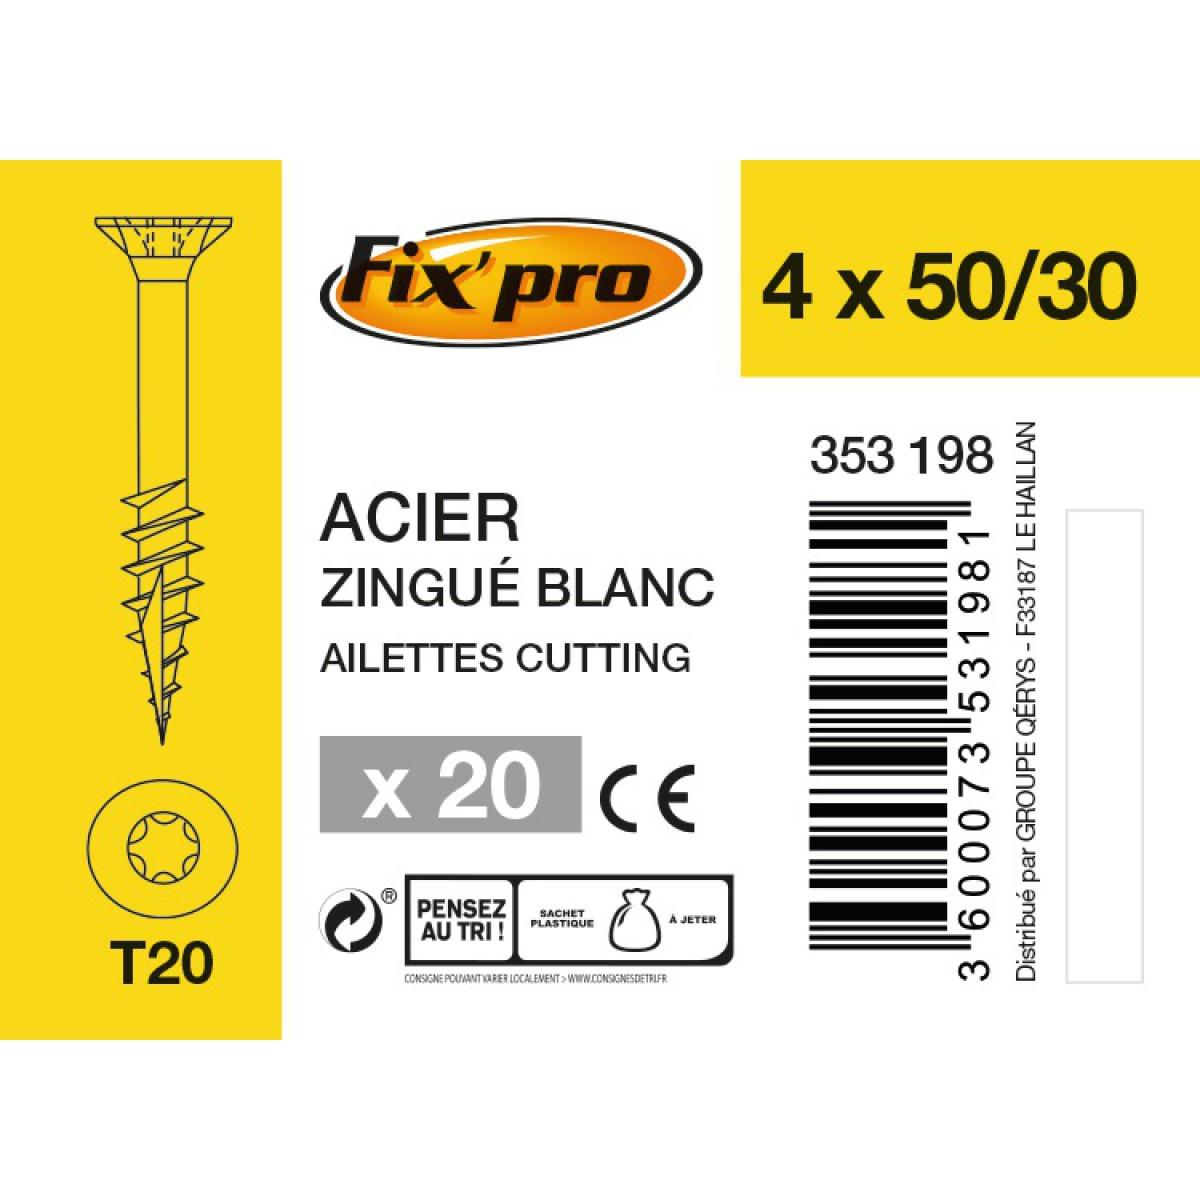 Vis à bois tête fraisée TX - 4x50/30 - 20pces - Fixpro